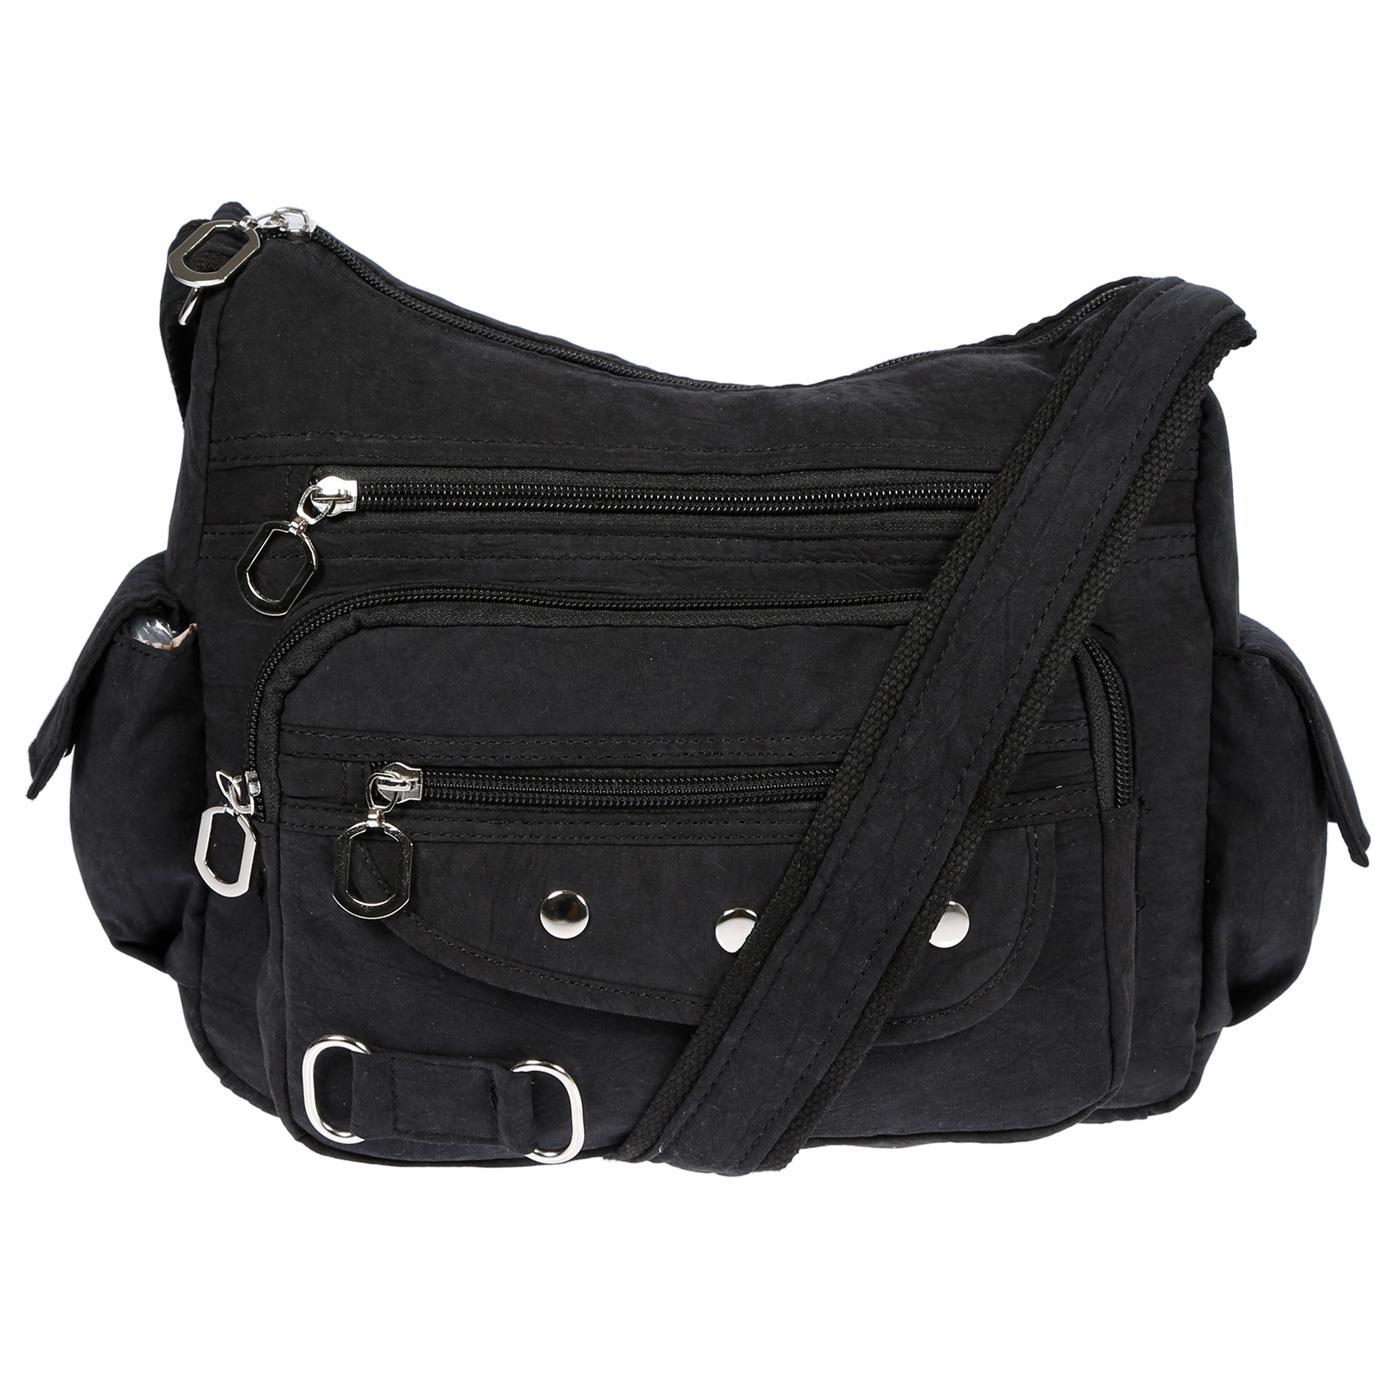 Damenhandtasche-Schultertasche-Tasche-Umhaengetasche-Canvas-Shopper-Crossover-Bag Indexbild 4